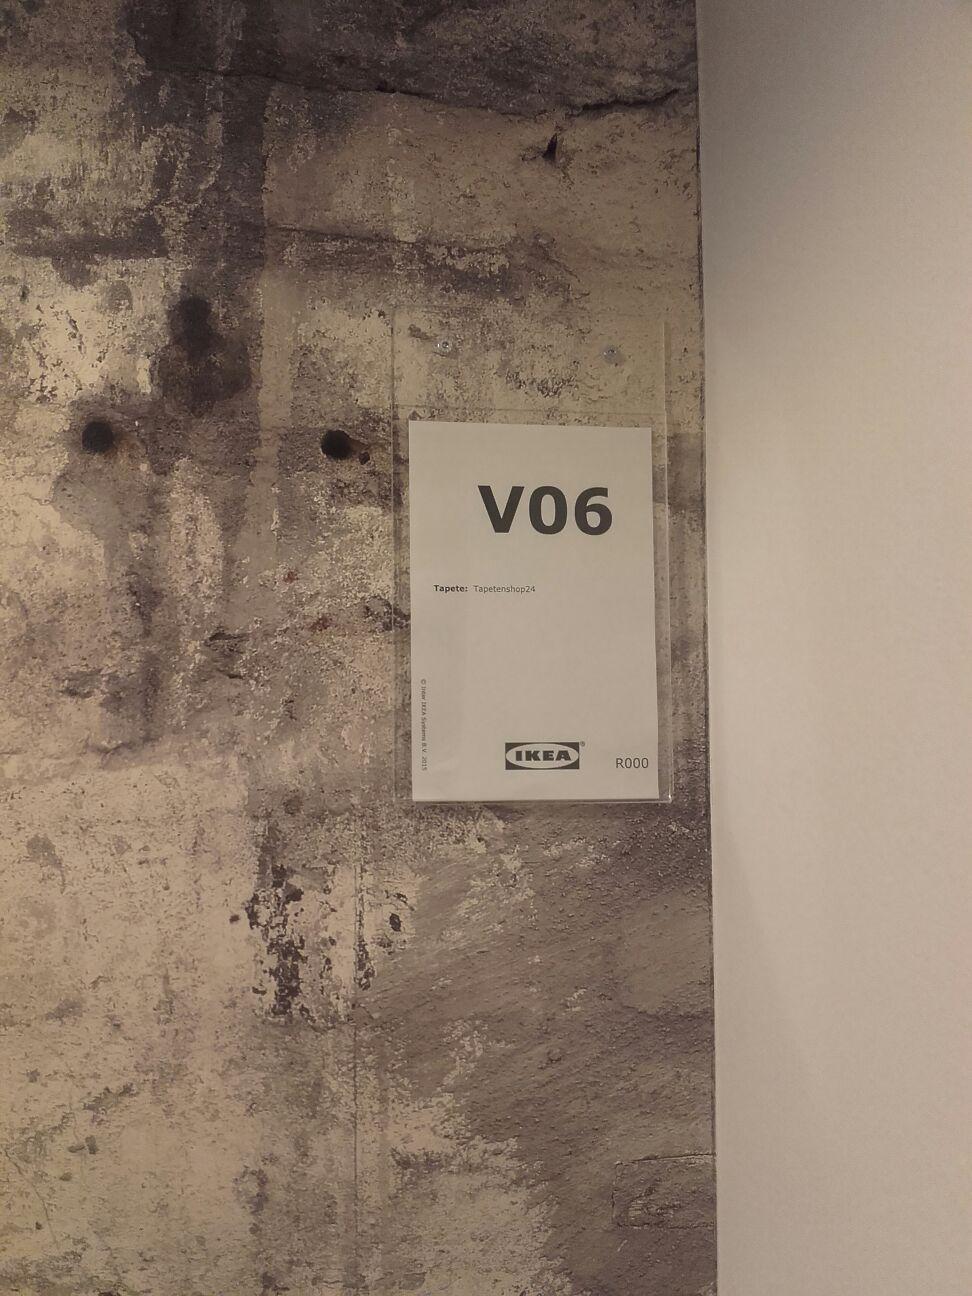 Wandbild 445404 bei ikea in der ausstellung - Wandbilder bei ikea ...